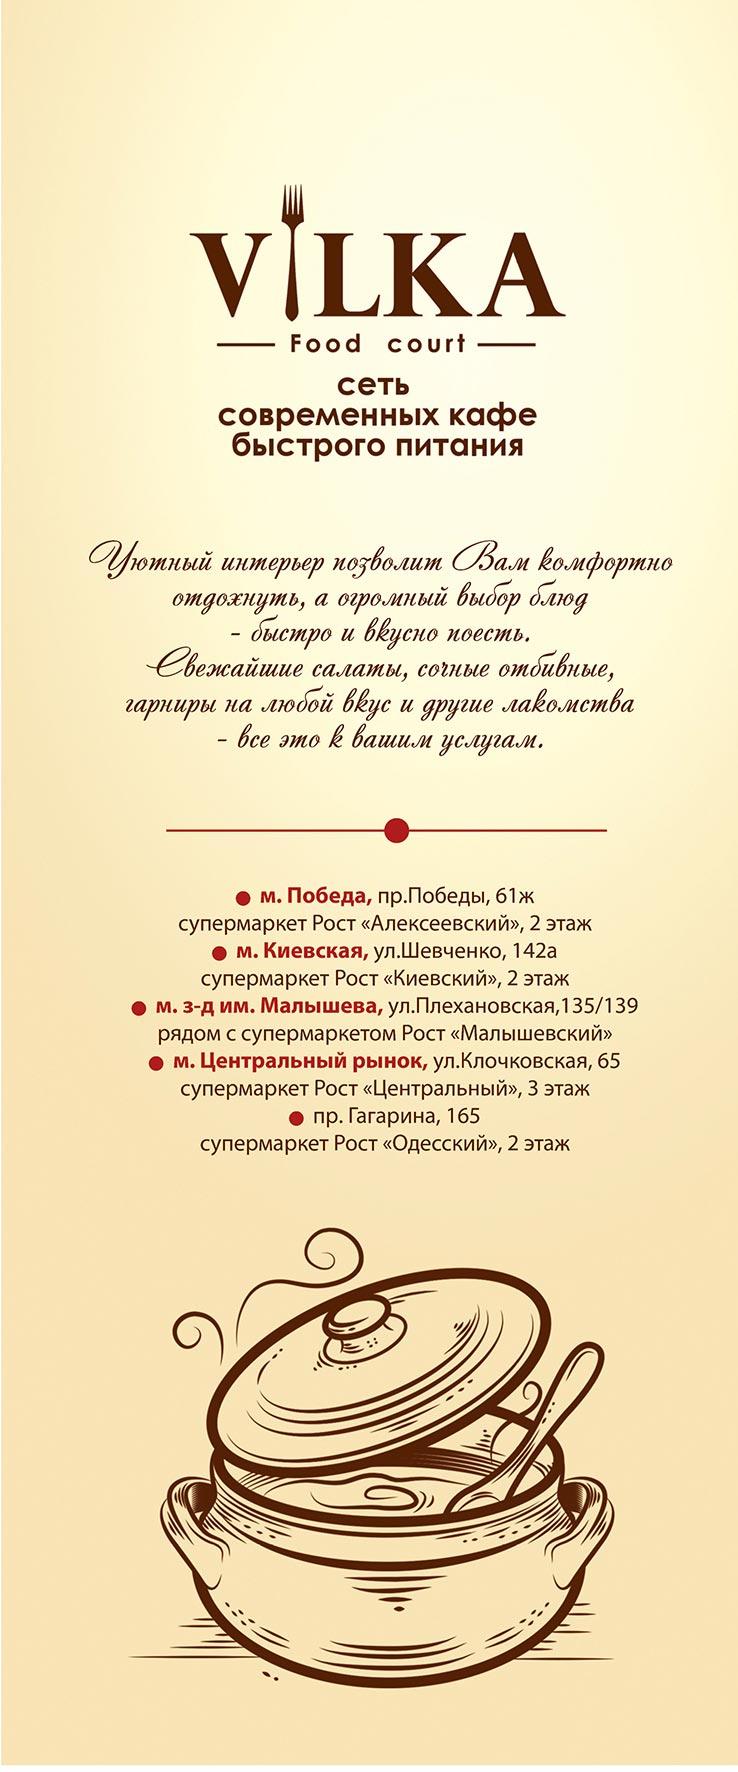 vilka_print_18-24032019_page4